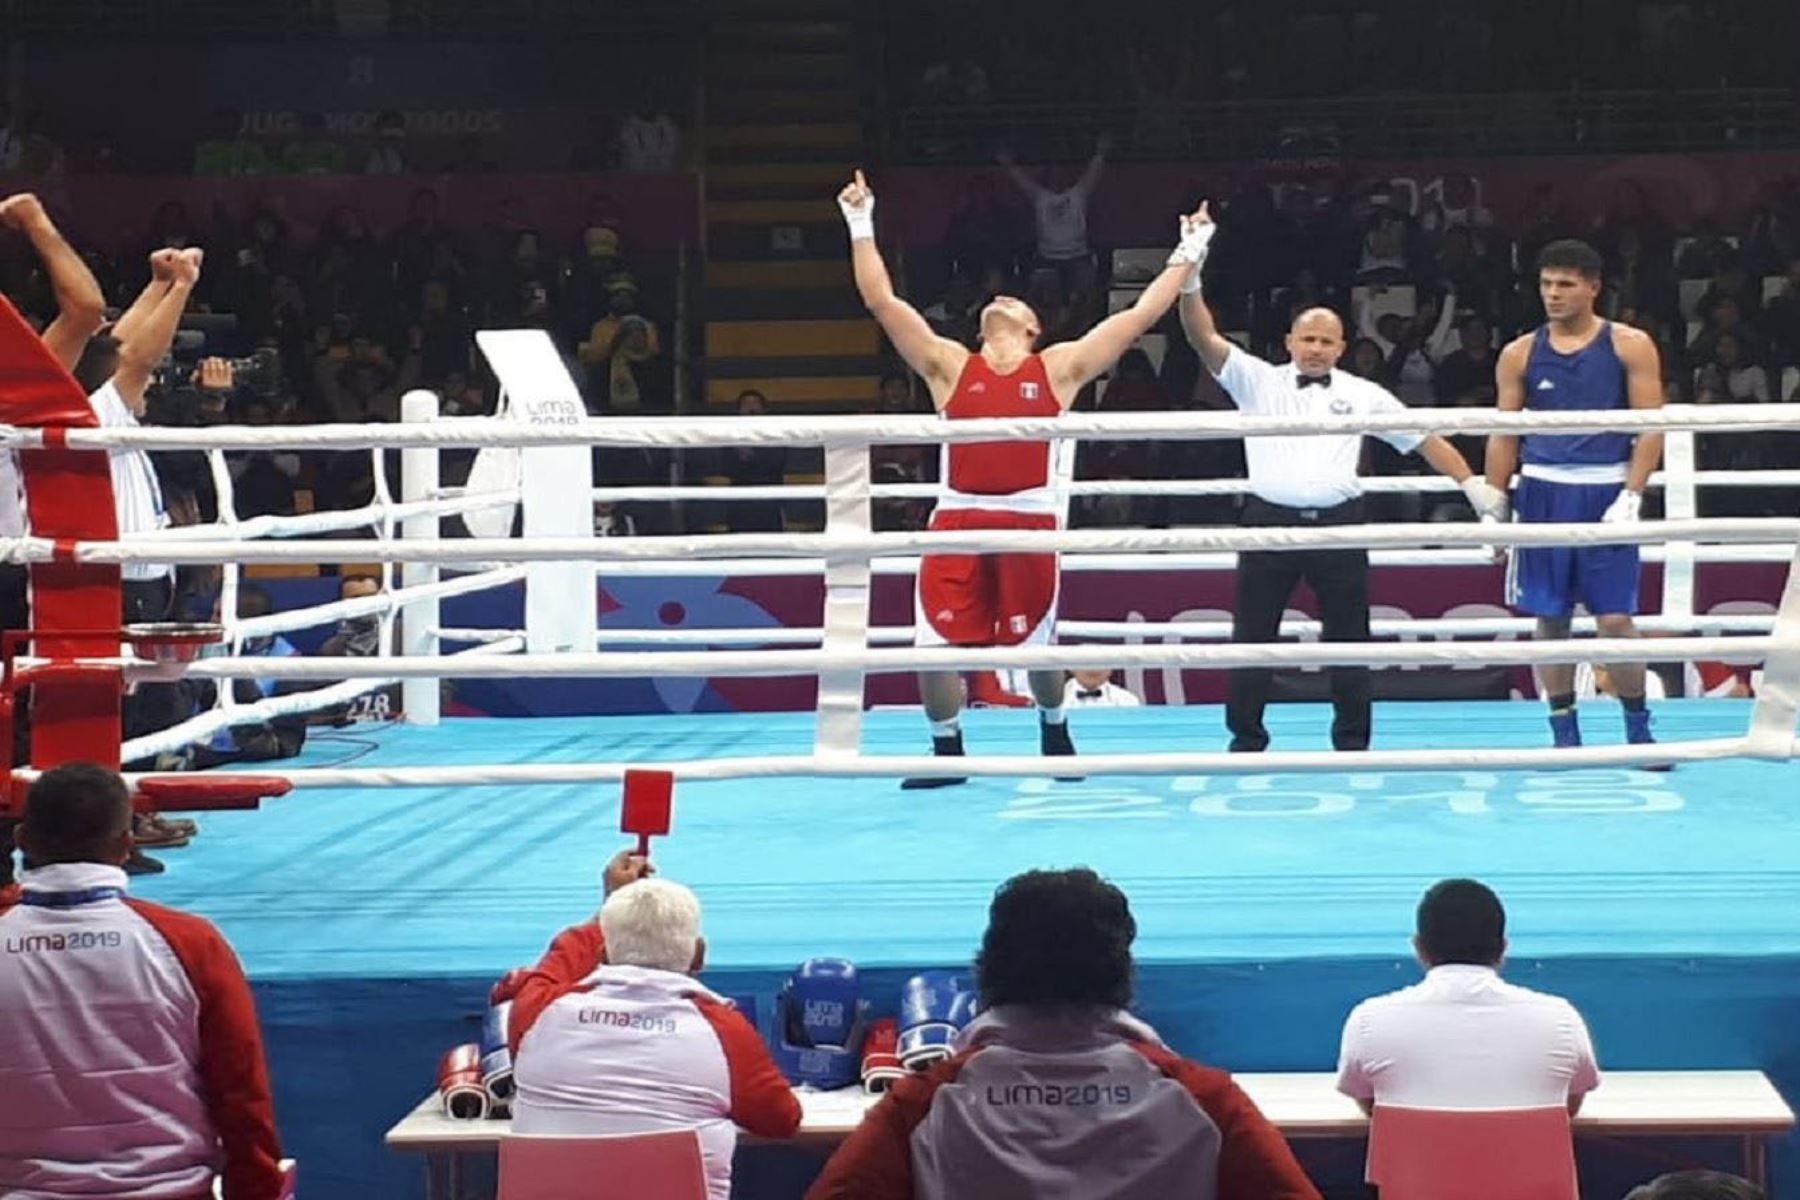 José María Lúcar clasifica a las Olimpiadas Tokio 2021. Foto: ANDINA/Difusión